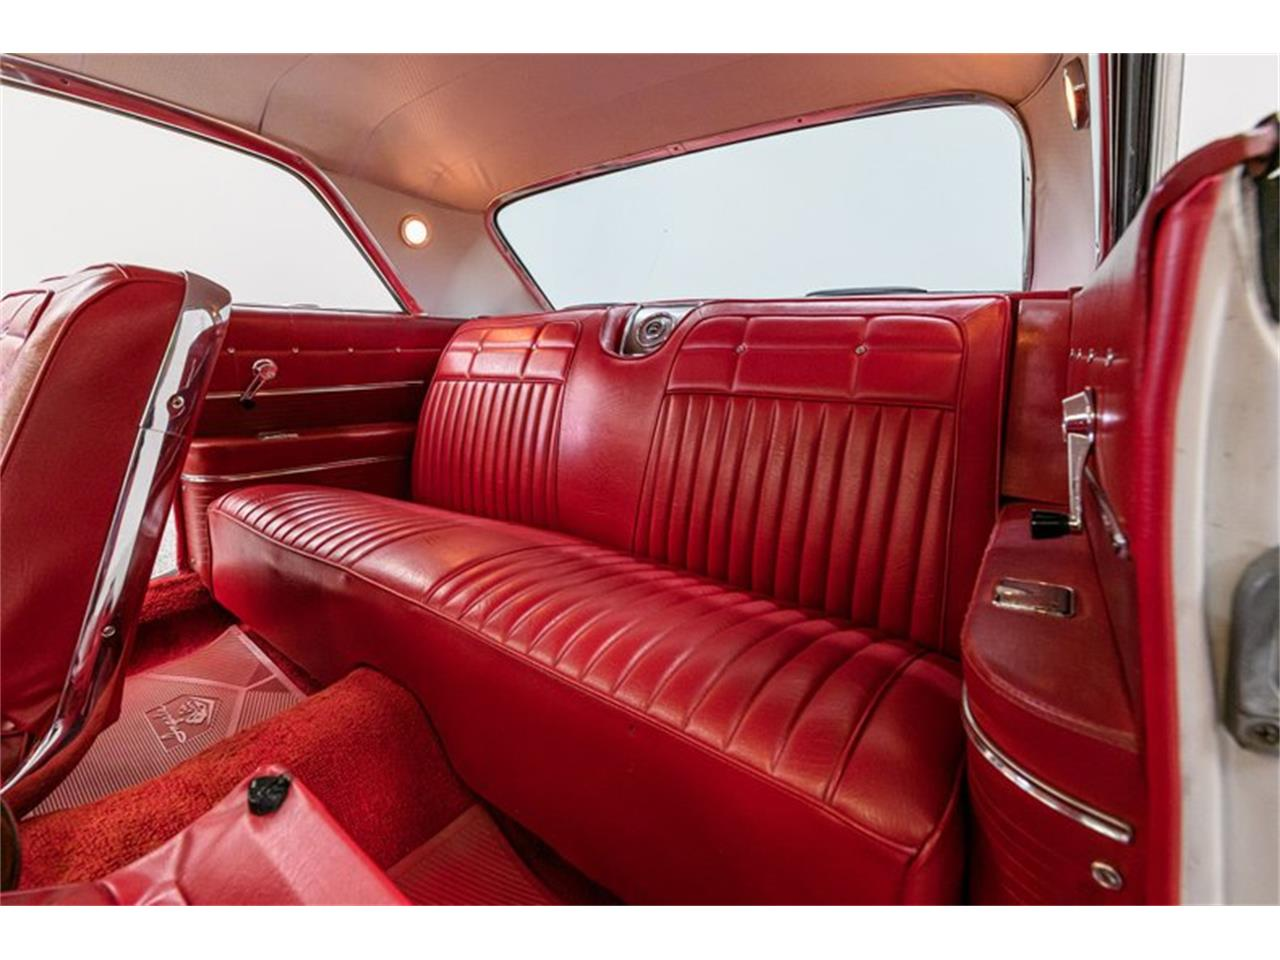 1962 Chevrolet Impala (CC-1312772) for sale in Concord, North Carolina